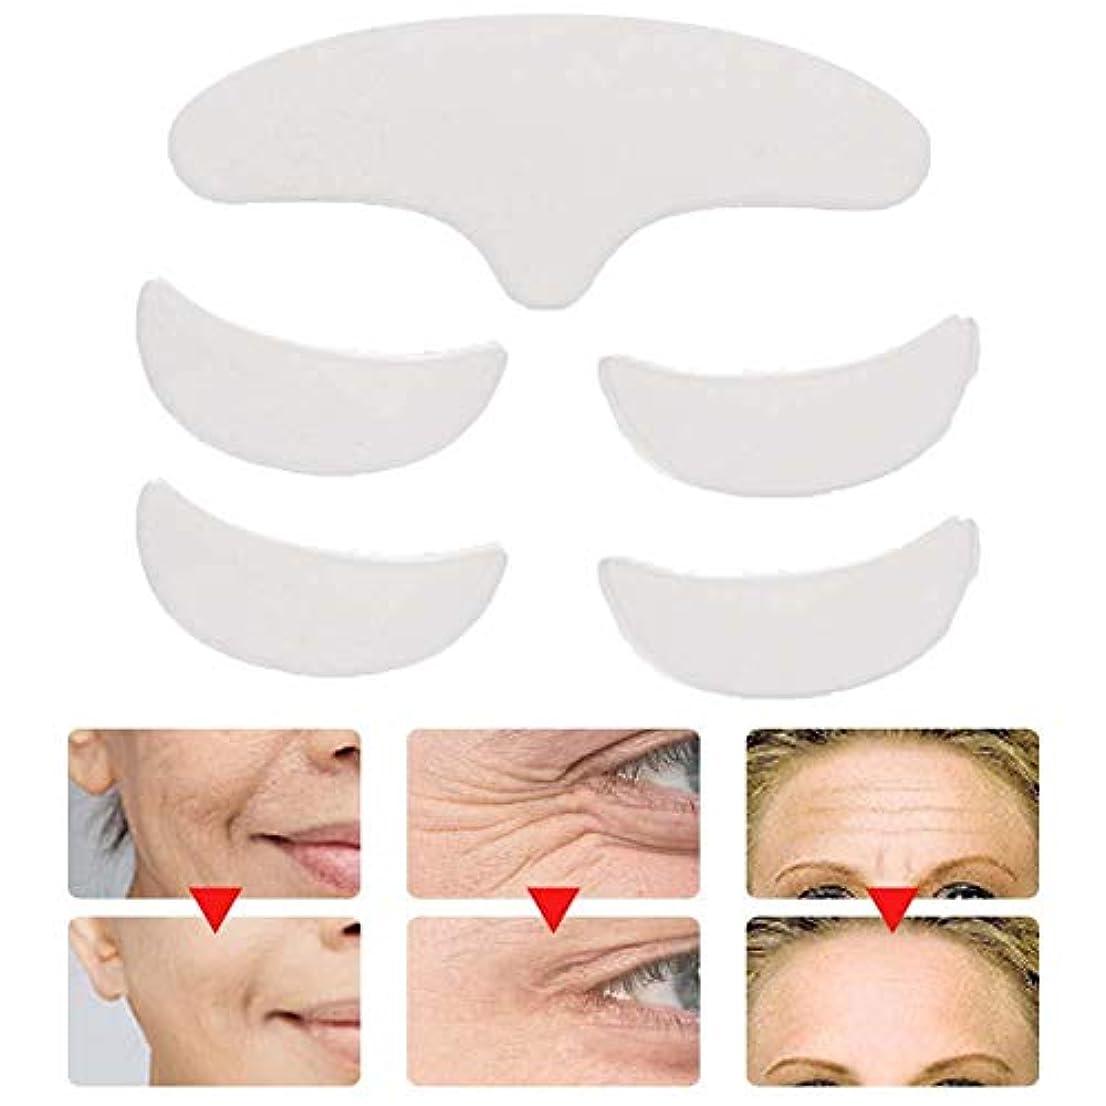 強盗のヒープブロックする5個再利用可能な洗える額の目の顔のパッチ、抗しわパッドスキンリフティングシリコーンパッチ